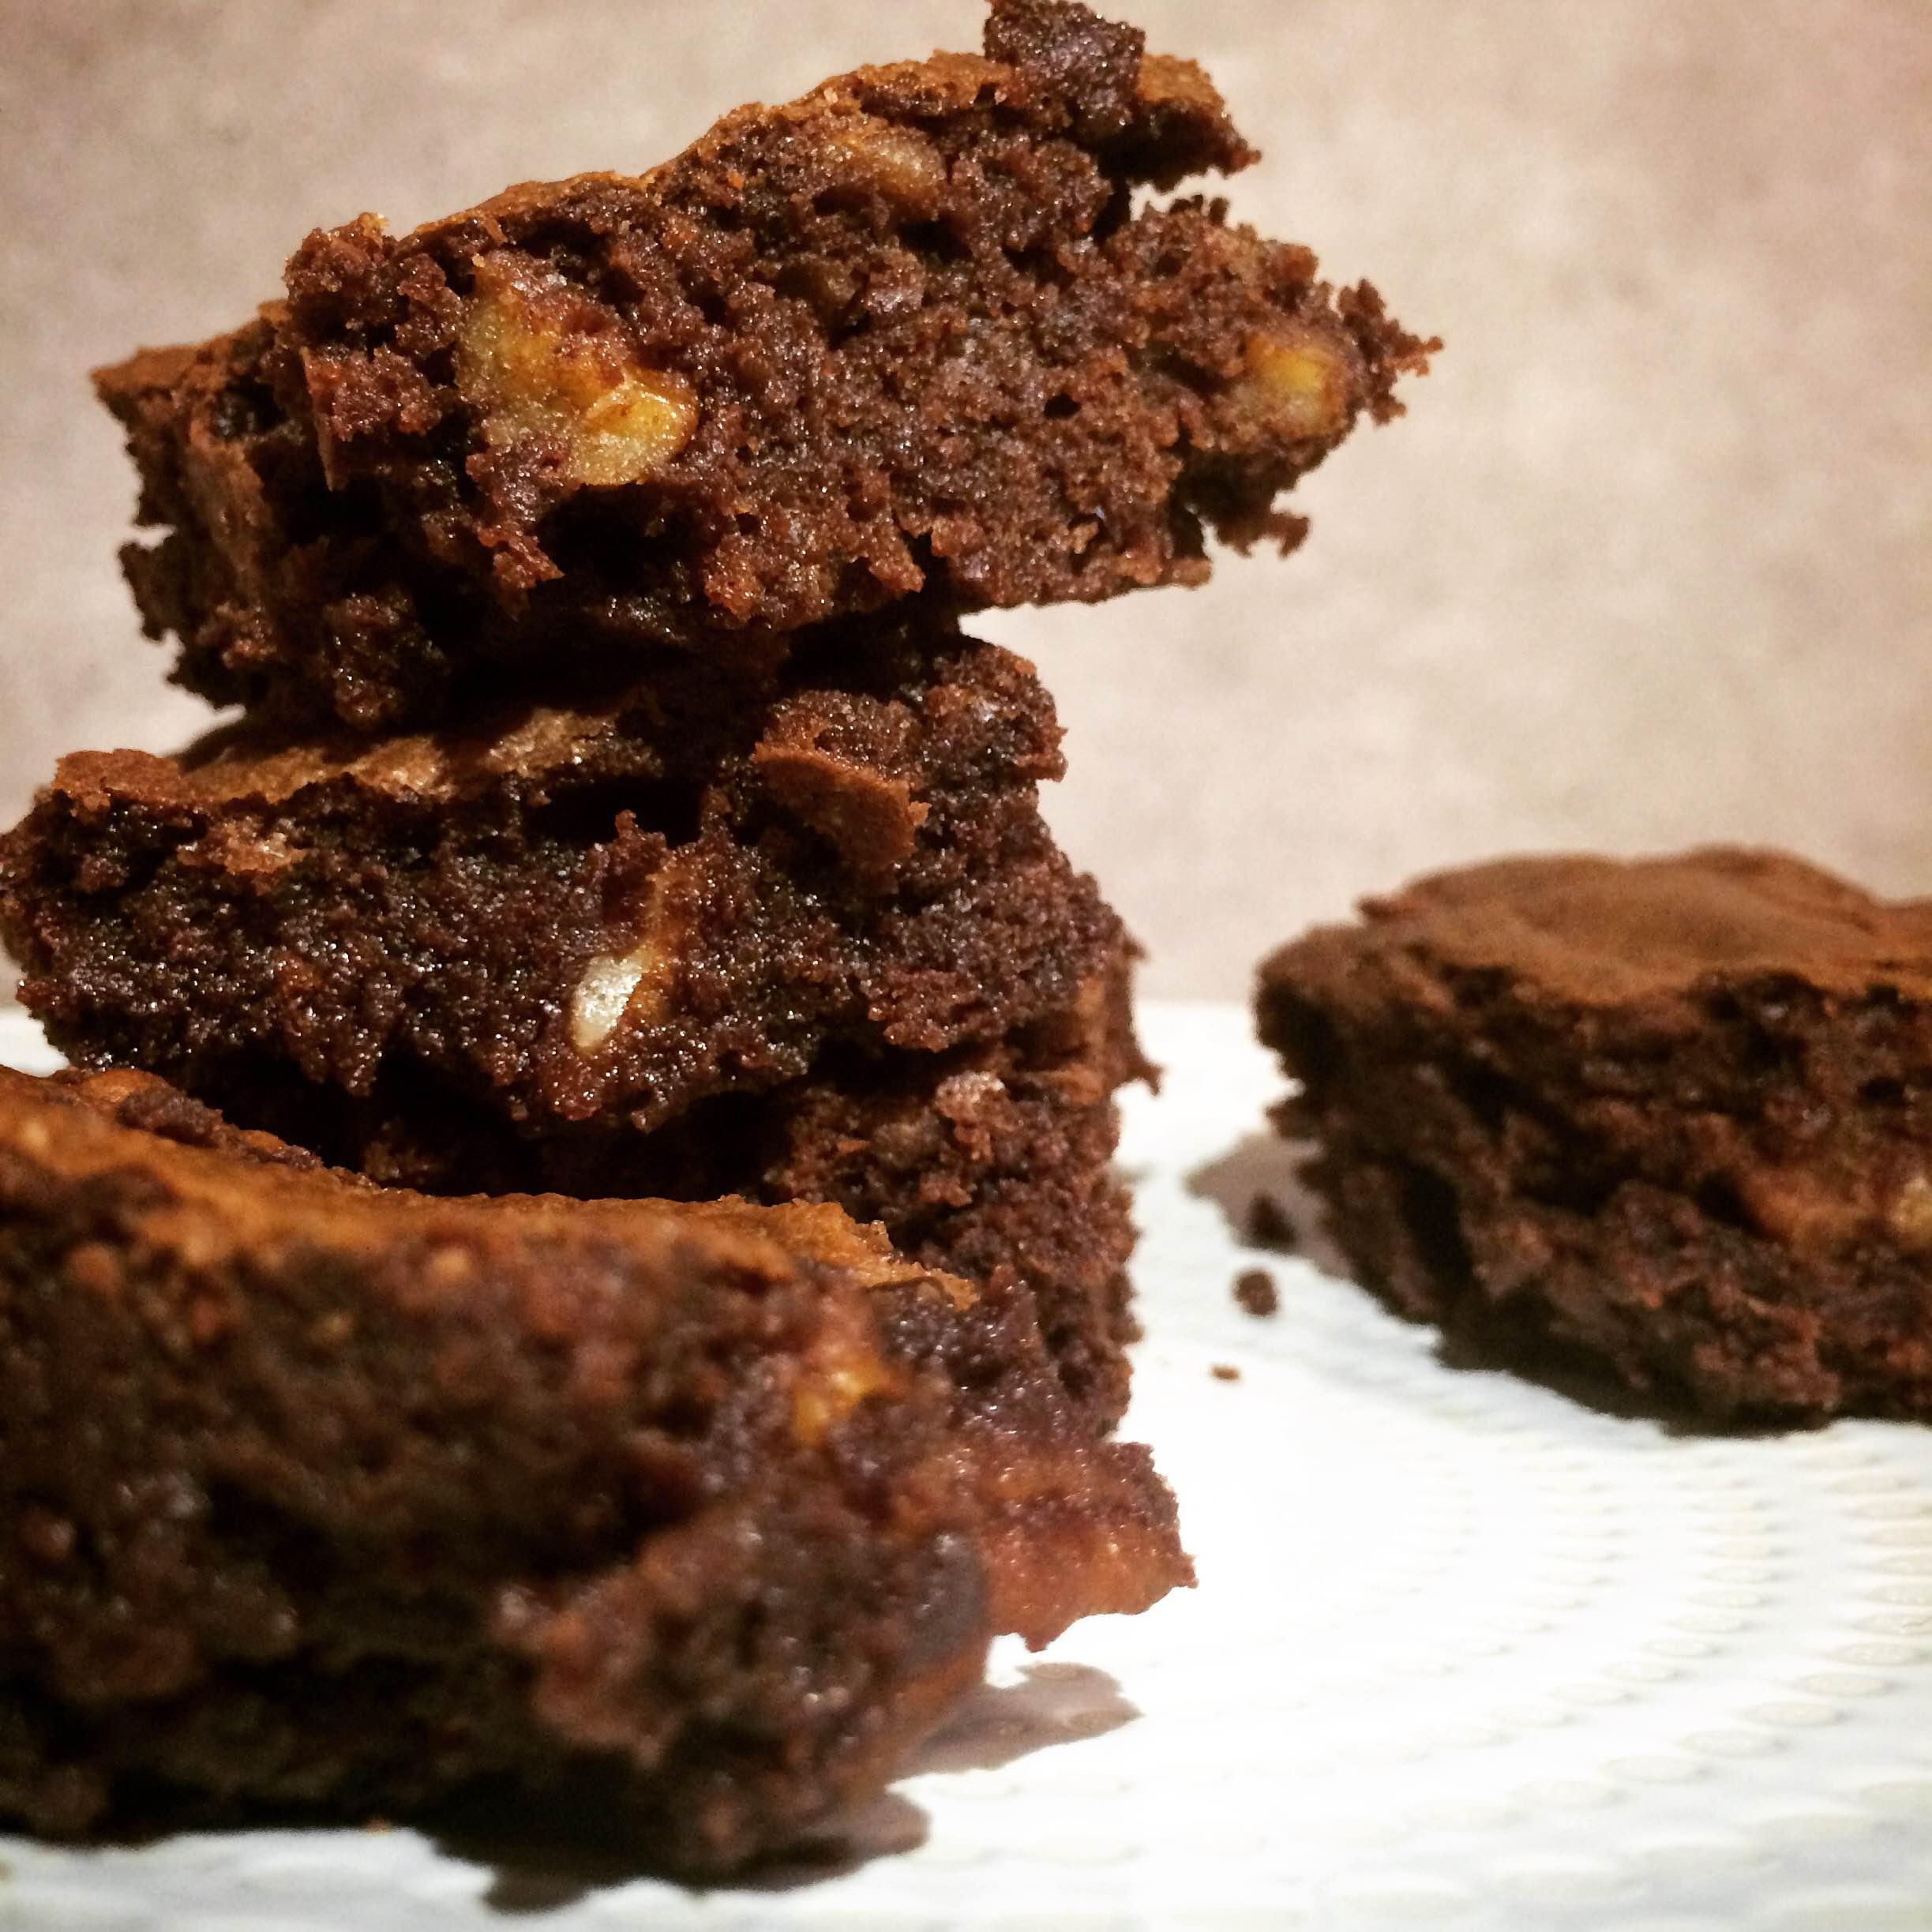 Recette : Brownies au chocolat et aux noix de pécan <br>